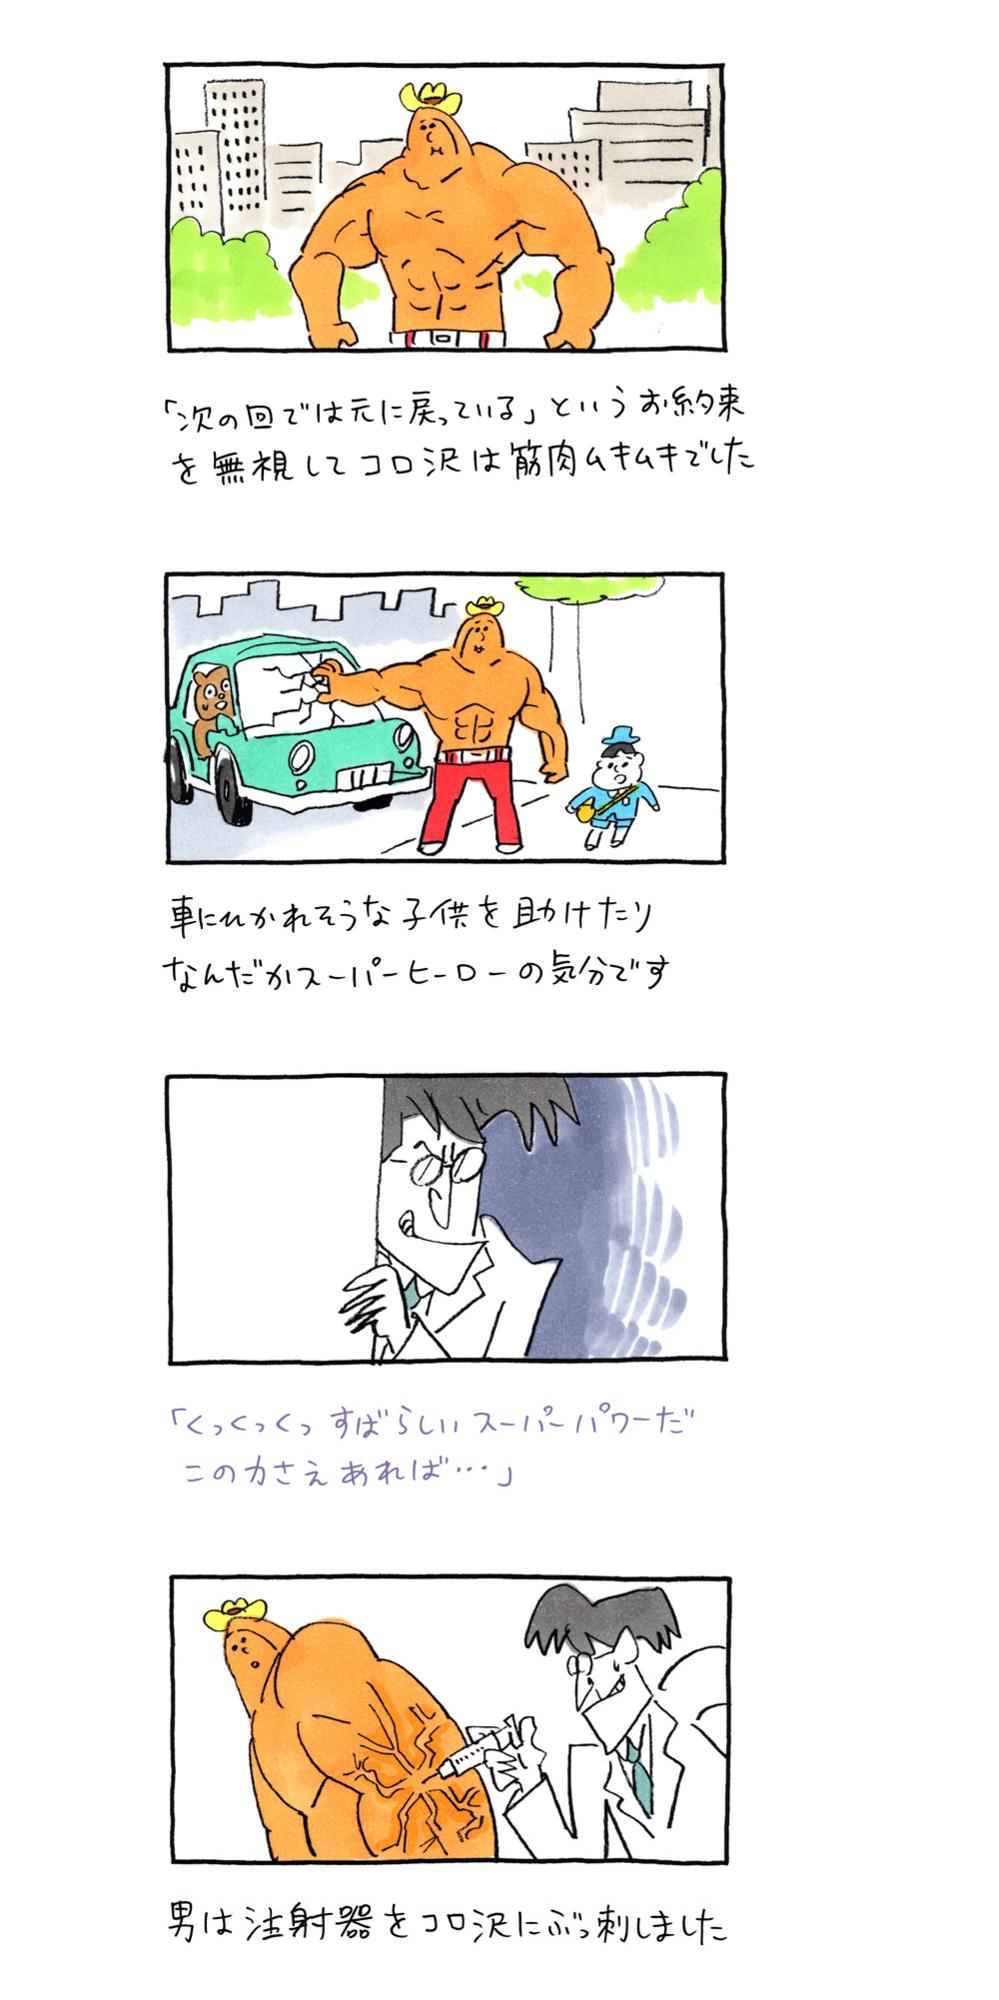 f:id:kakijiro:20160202154336j:plain